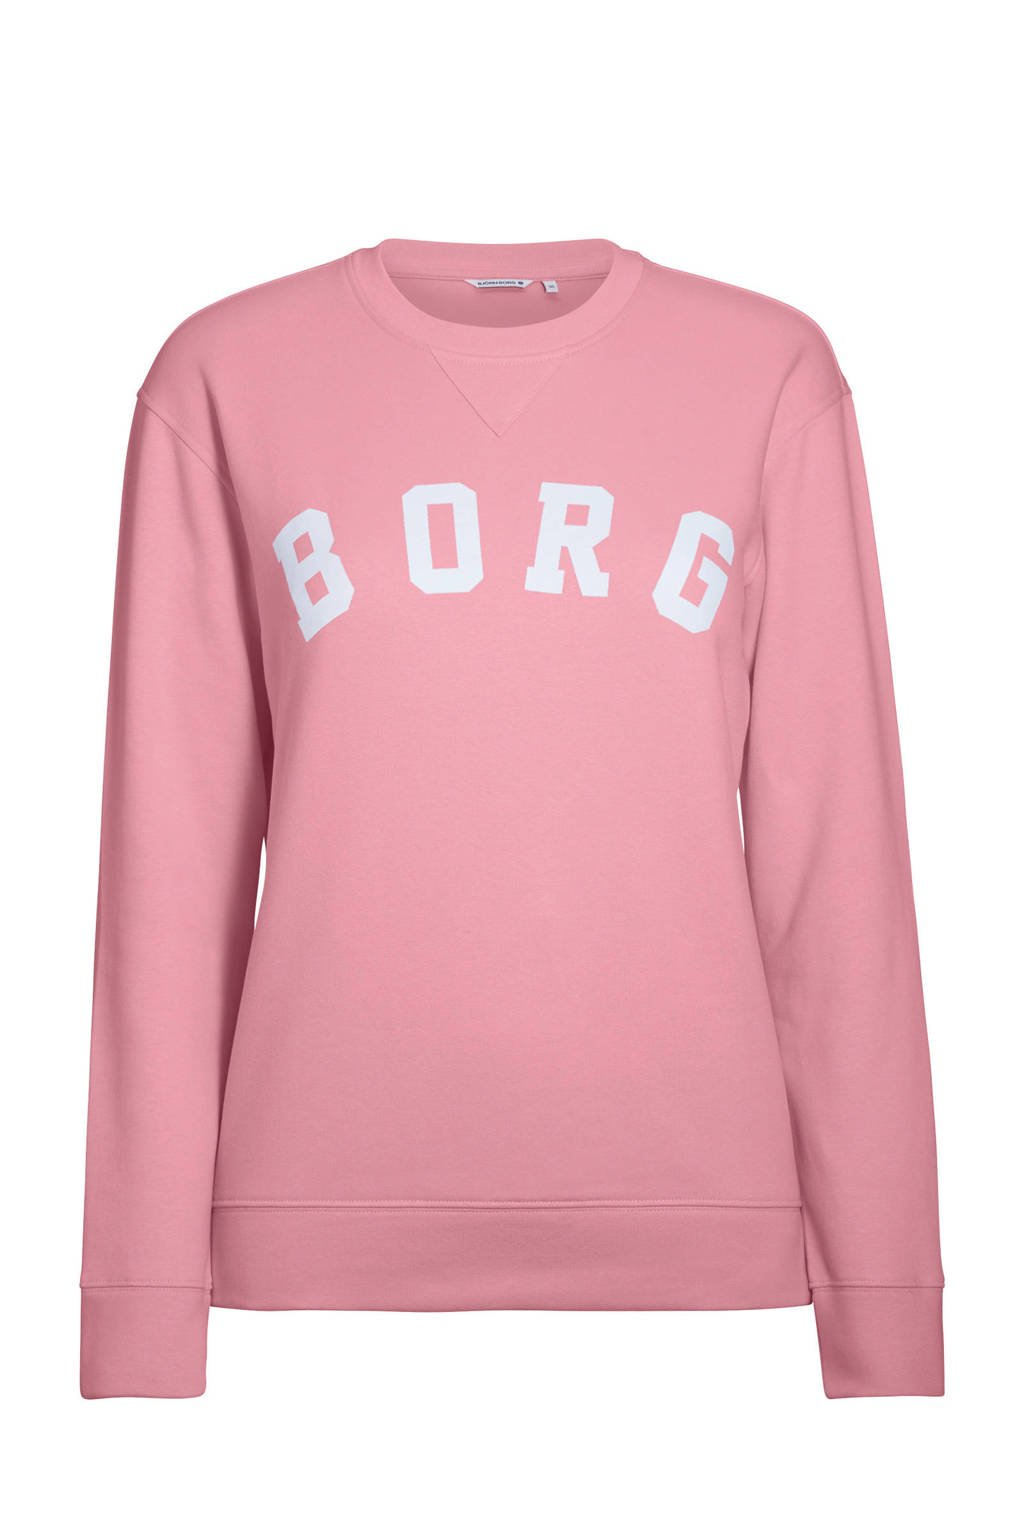 Björn Borg sportsweater roze, Roze